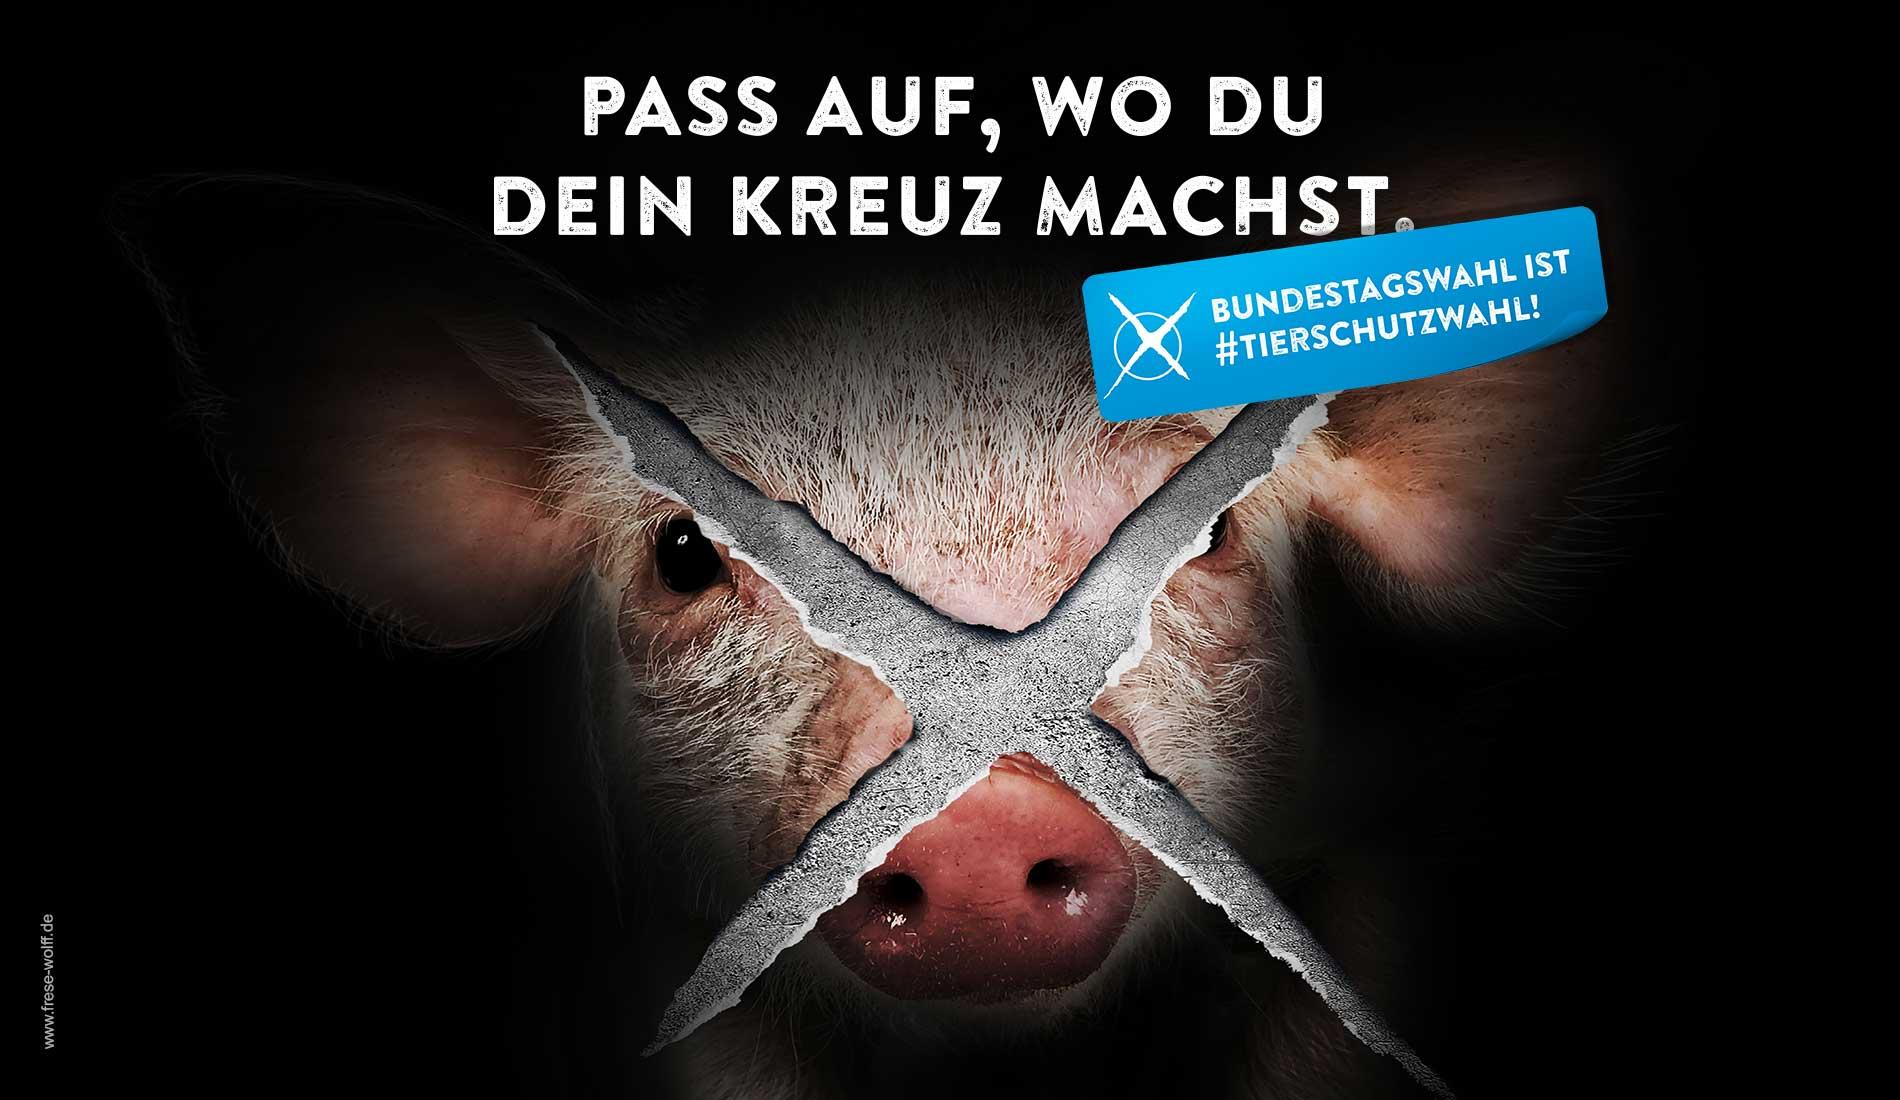 Am 24. September 2017 ist Bundestagswahl und damit Ihre Chance, für den Tierschutz politisch etwas zu bewegen: Ihre Wahlentscheidung legt den Grundstein für den Tierschutz in den nächsten Jahren!